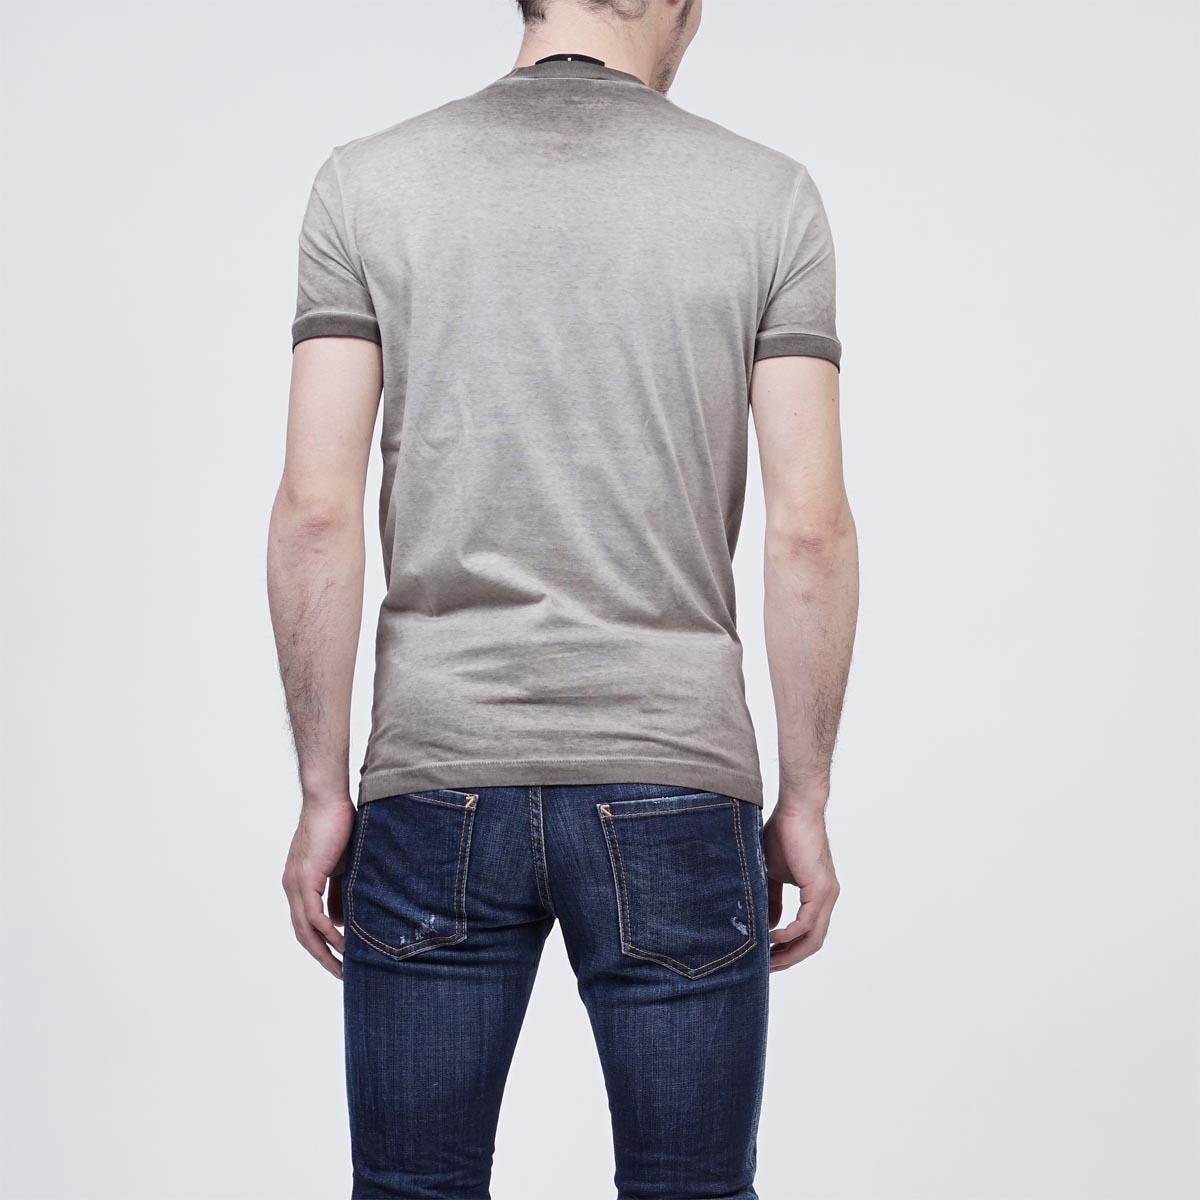 ヴィンテージグレー メンズ DSQUARED2 【返品送料無料】 【ラッピング無料】 ディースクエアード 【あす楽対応_関東】 s74gd0208 s22427 816 クルーネックTシャツ グレー系